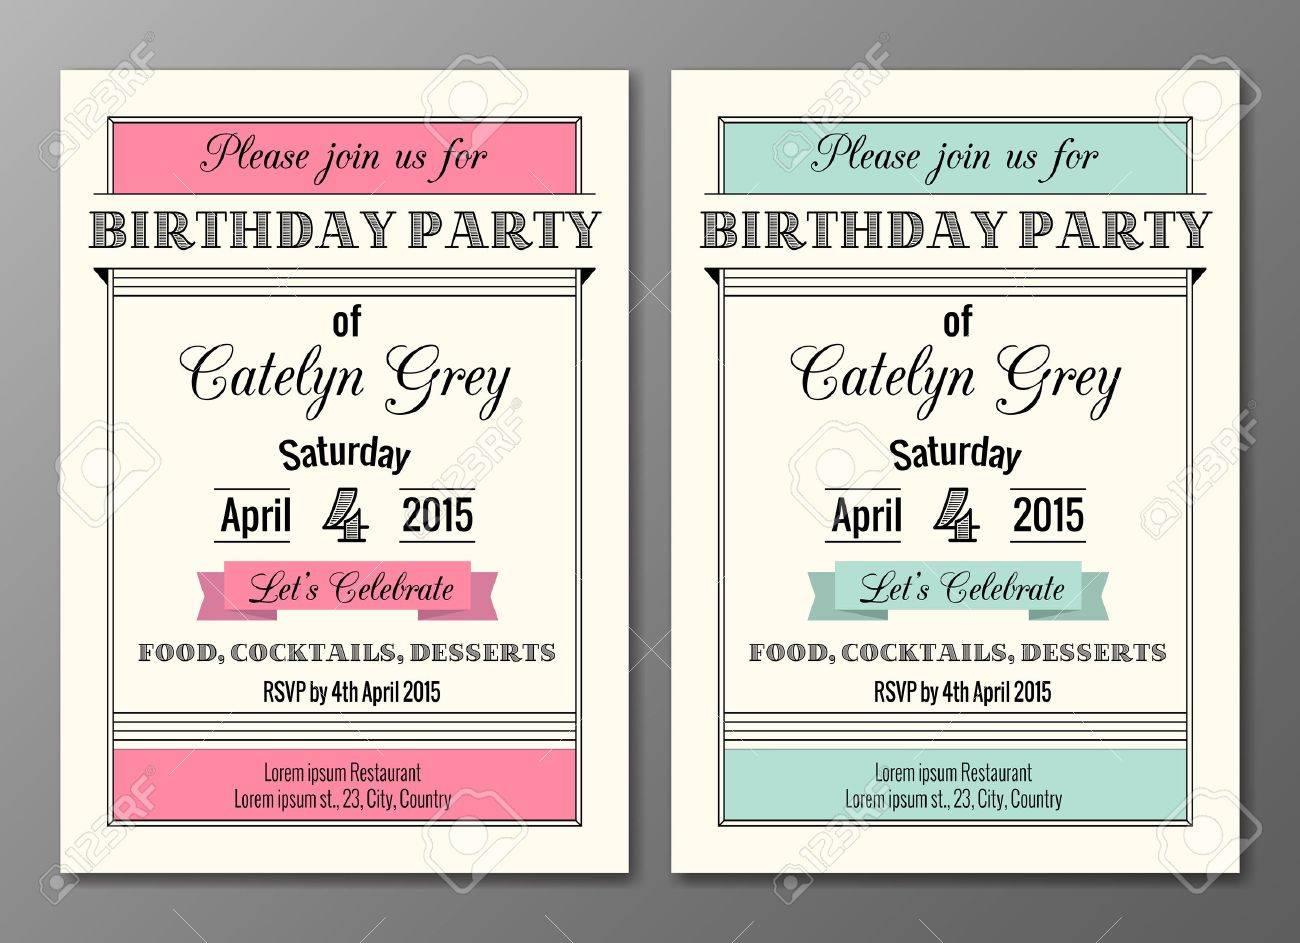 アールデコの誕生日パーティの招待状のデザイン テンプレートのベクトル